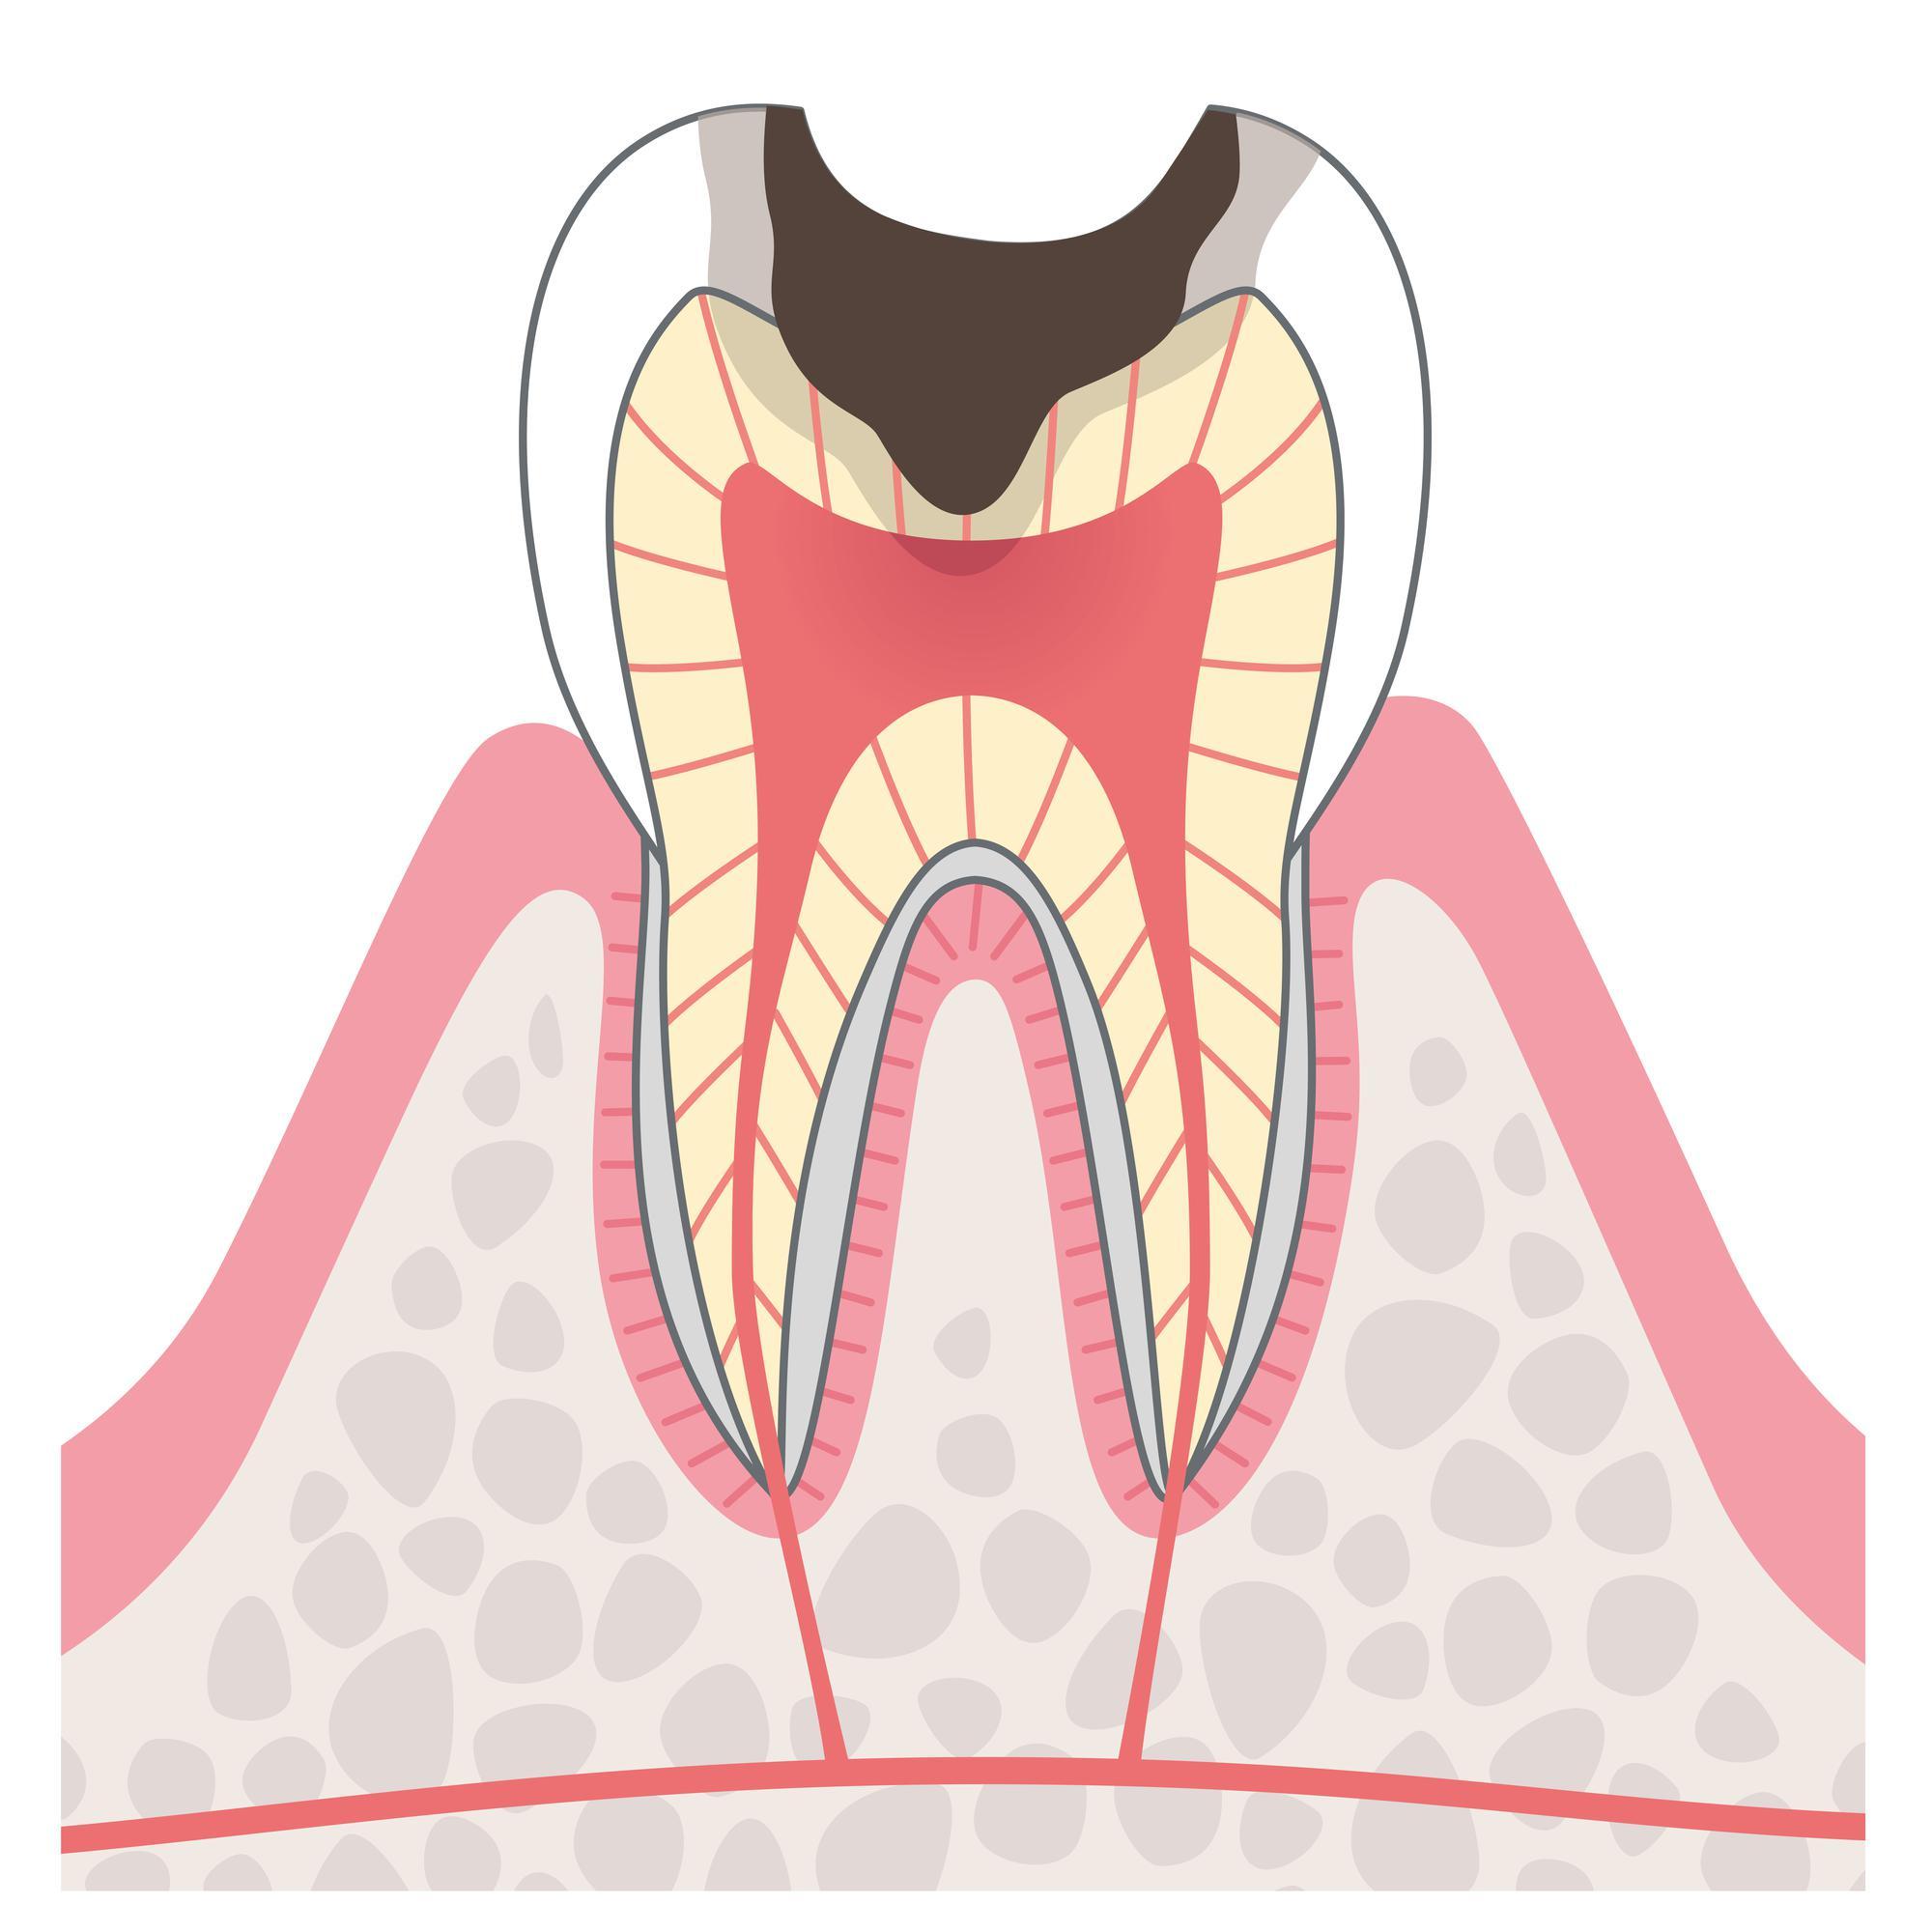 虫歯の断面イラスト